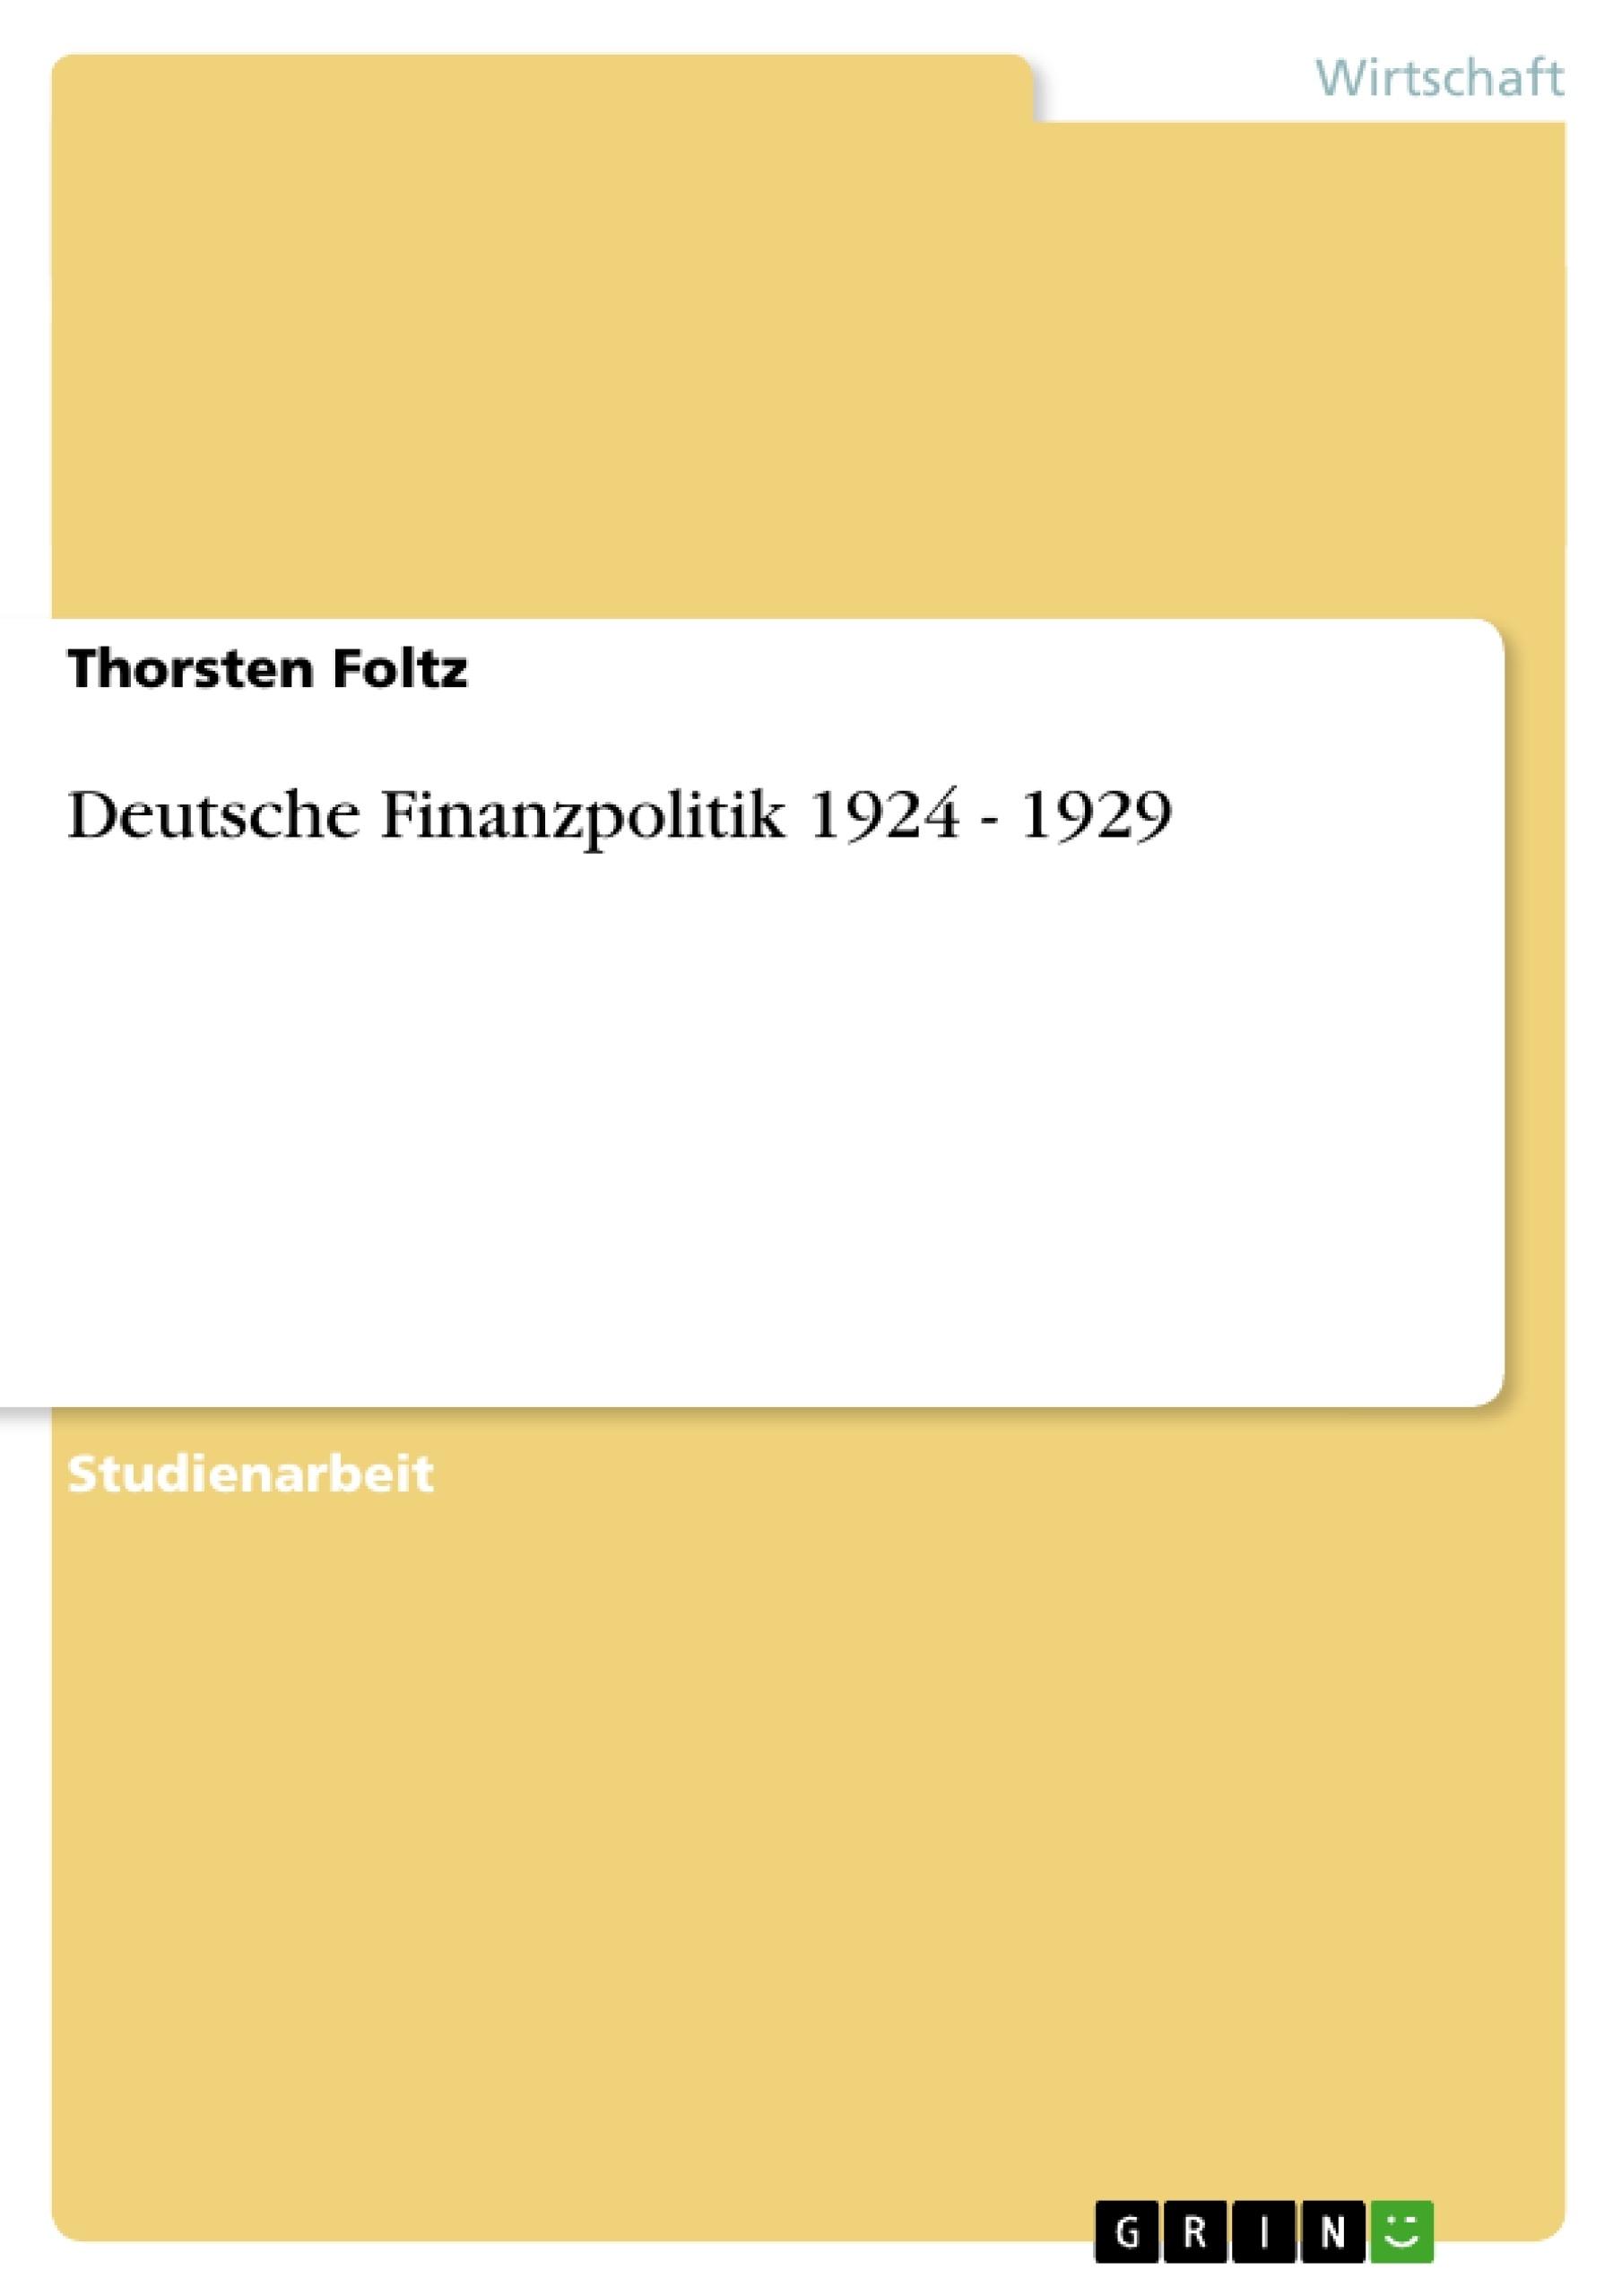 Titel: Deutsche Finanzpolitik 1924 - 1929